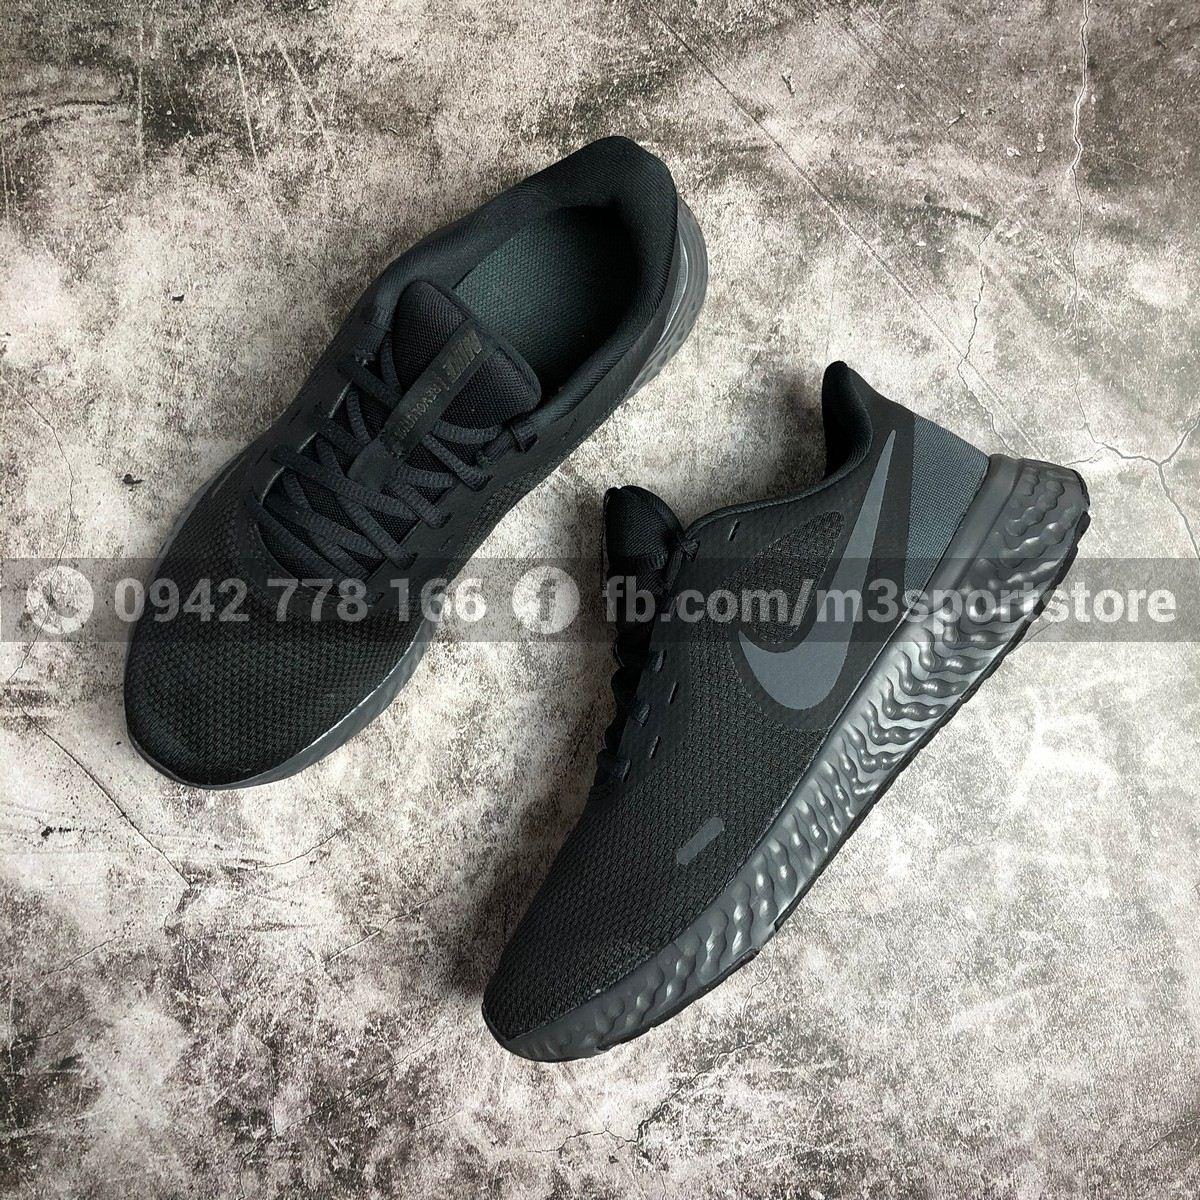 Giày thể thao nam Nike Revolution 5 BQ3204-001